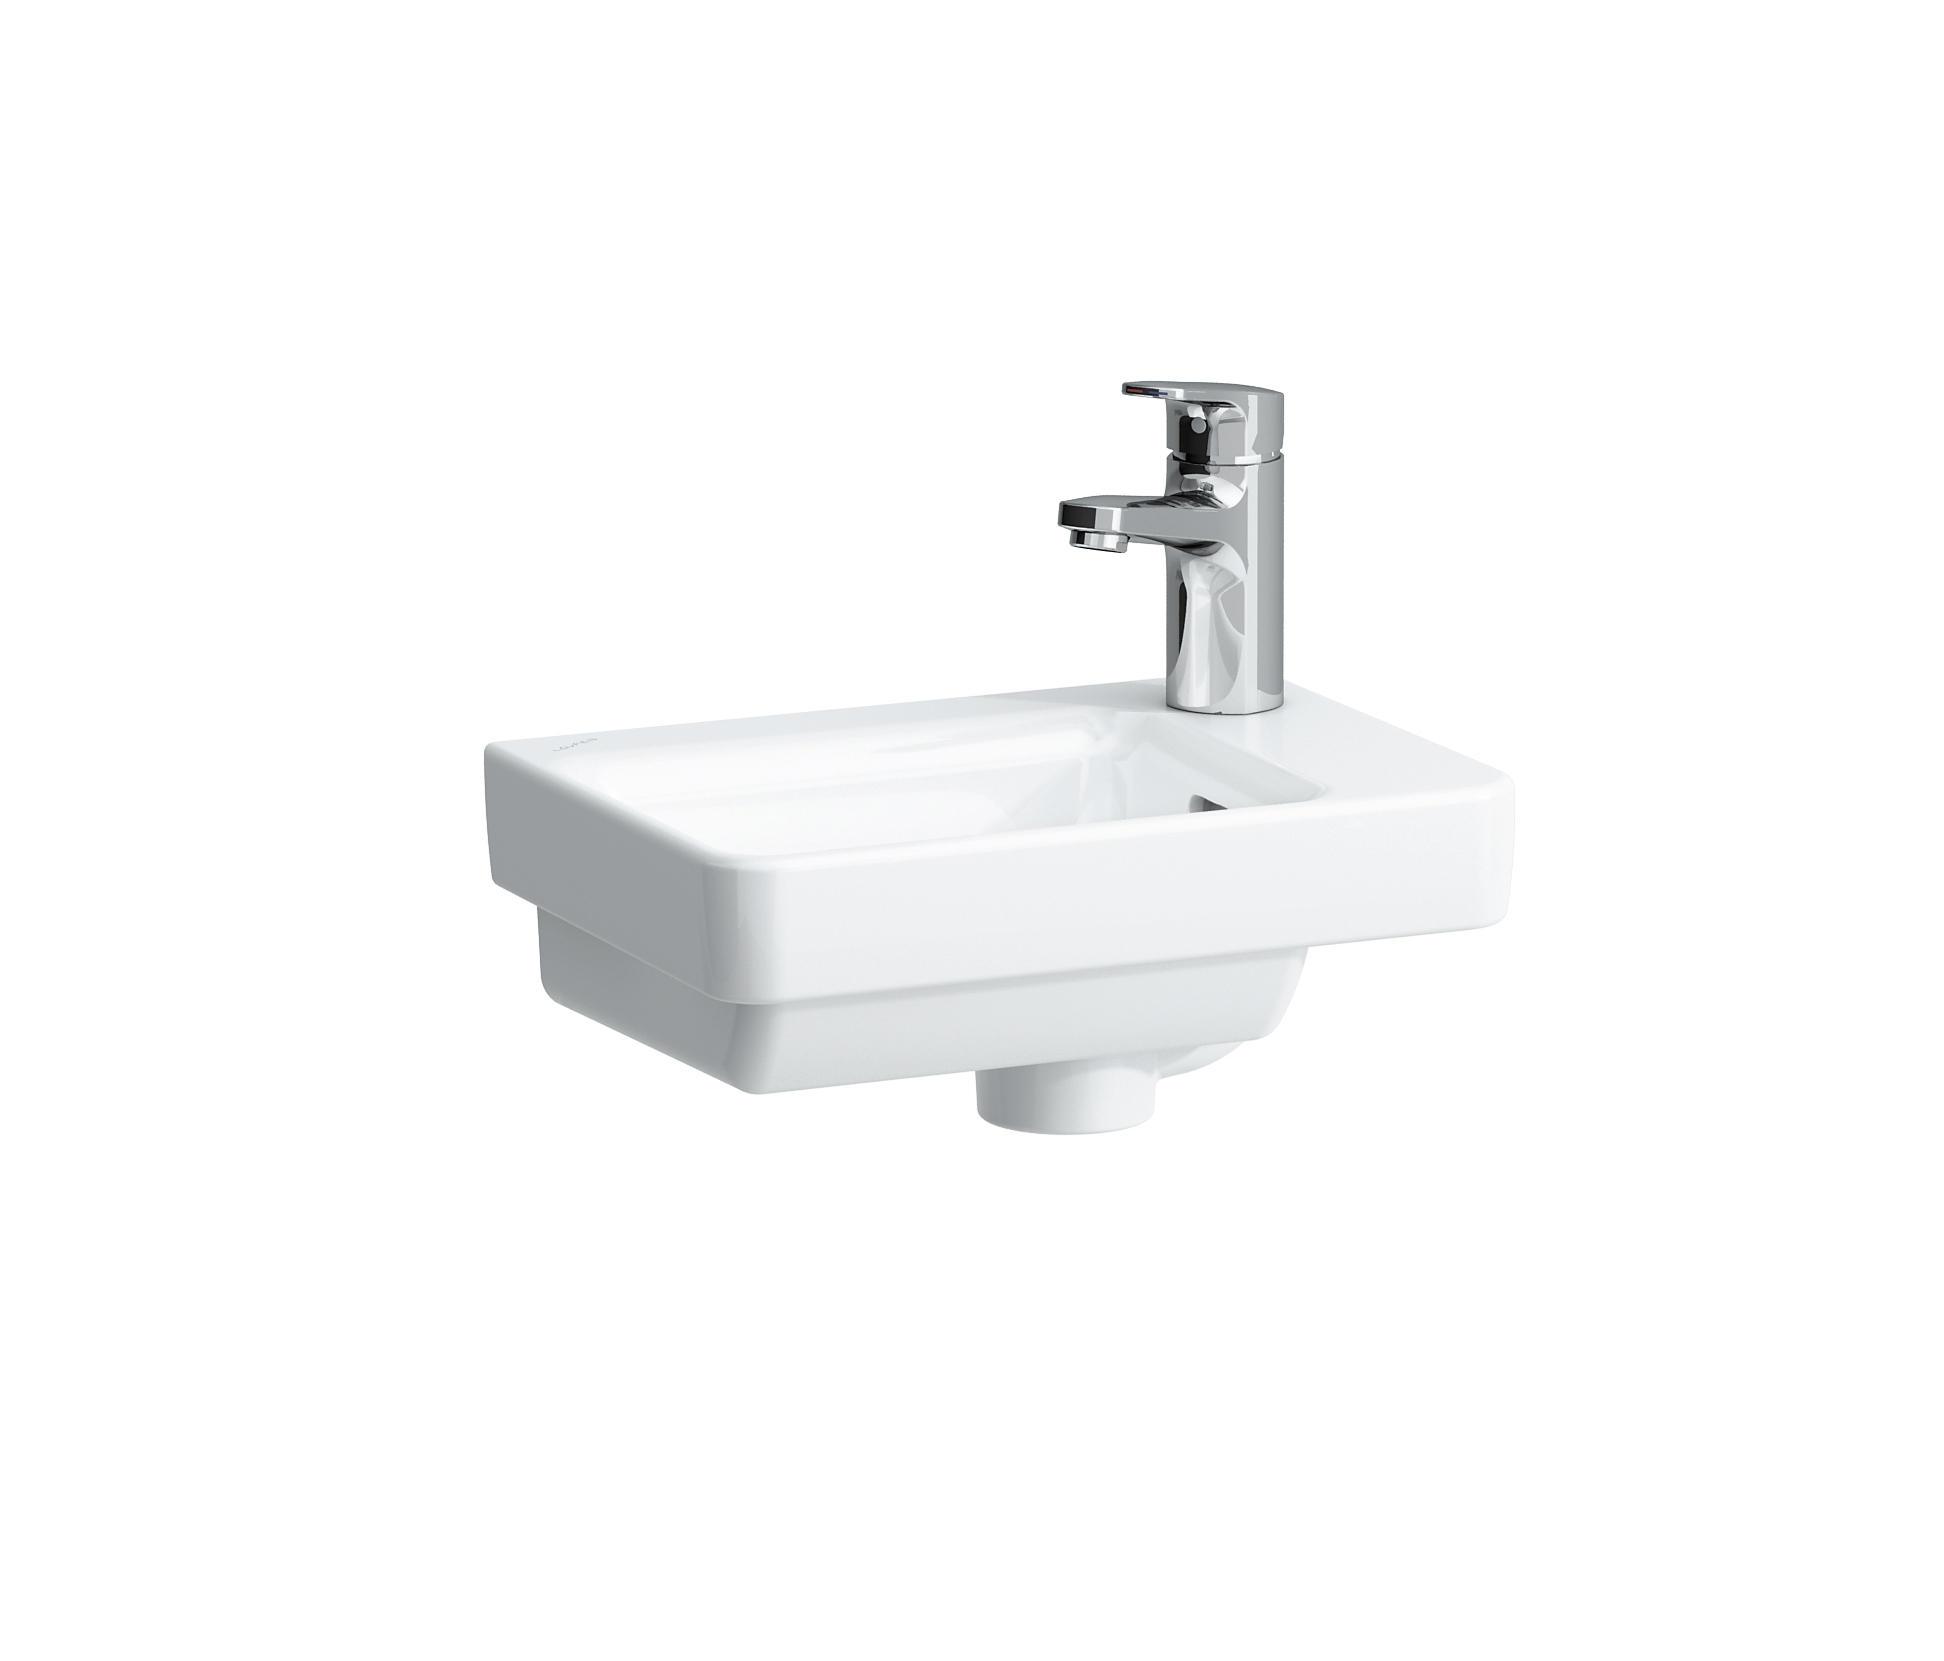 laufen pro s handwaschbecken asymmetrisch. Black Bedroom Furniture Sets. Home Design Ideas